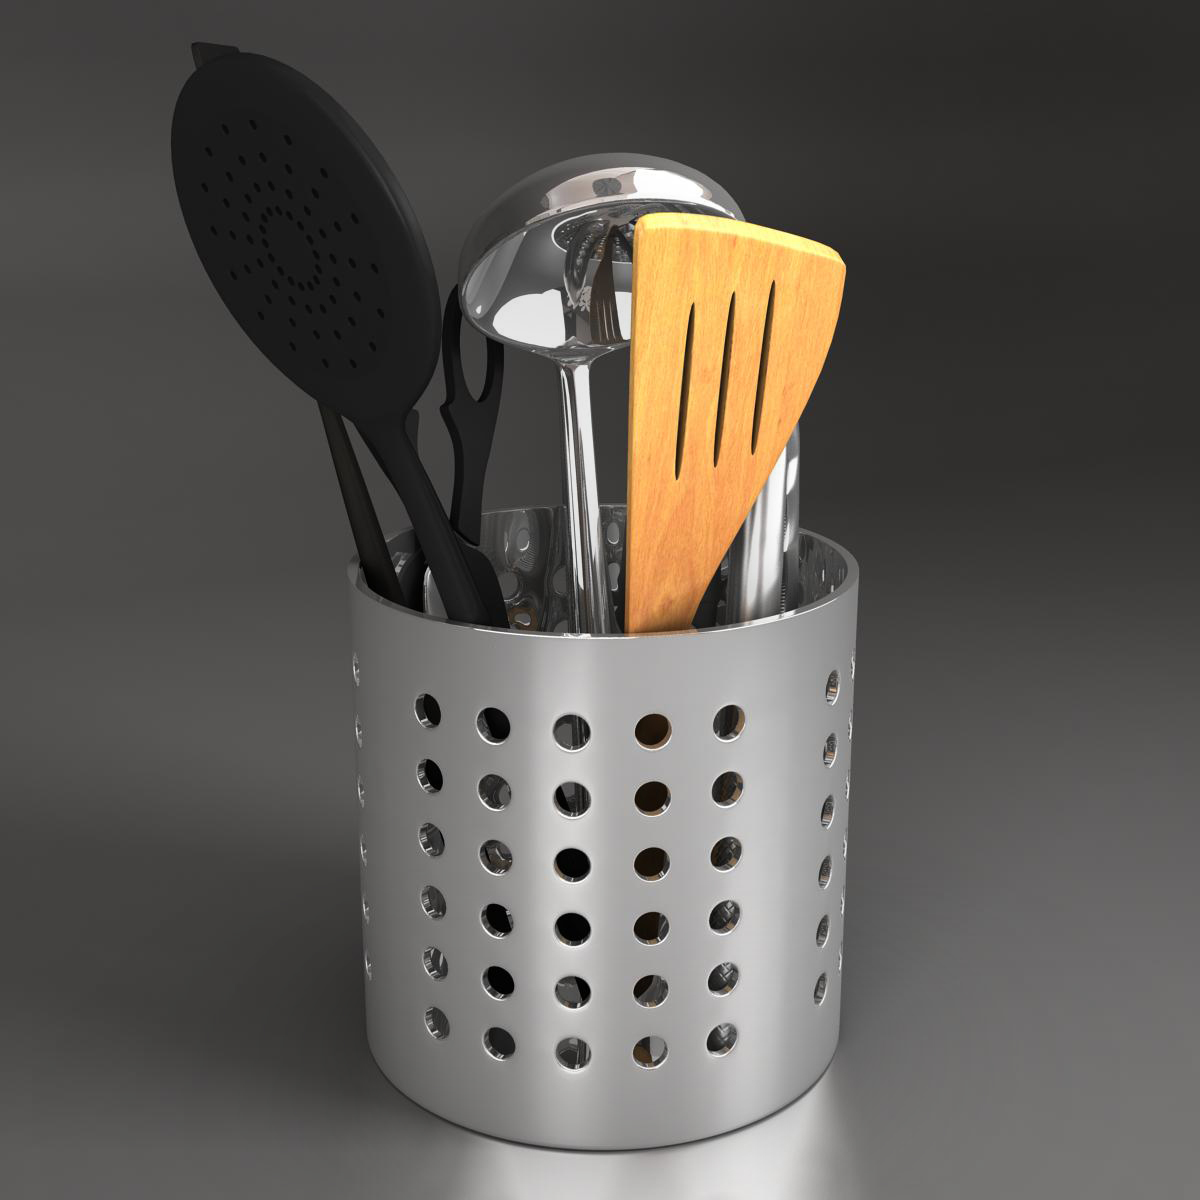 kitche utensils kit 3d model max fbx c4d ma mb obj 159291